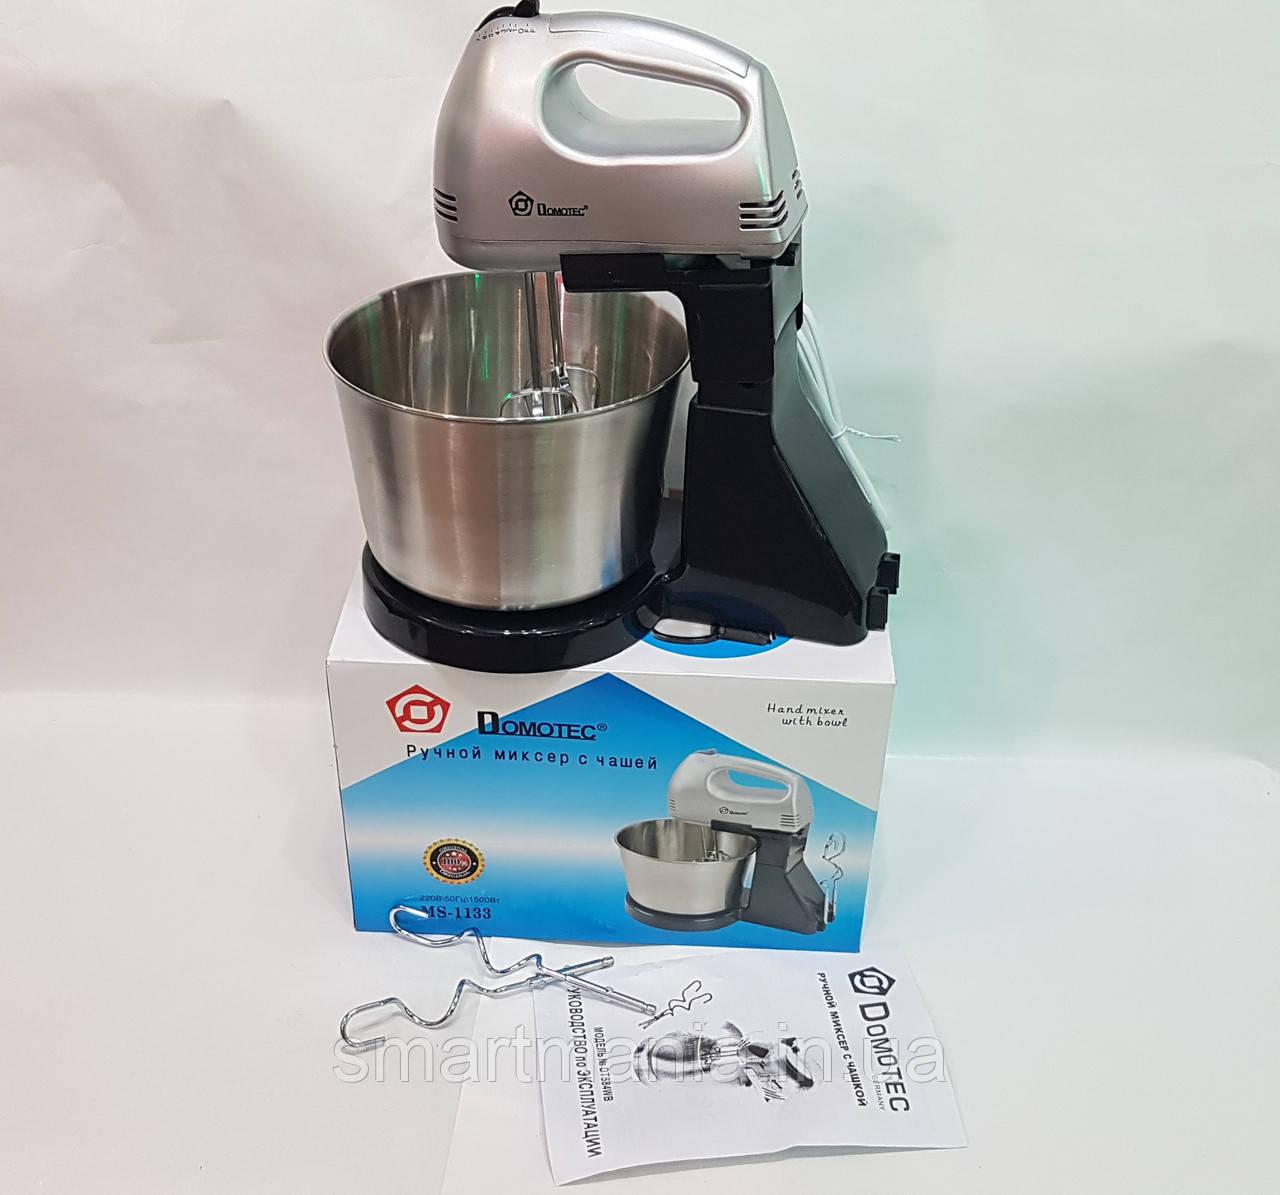 Миксер кухонный с чашкой Domotec DT1133